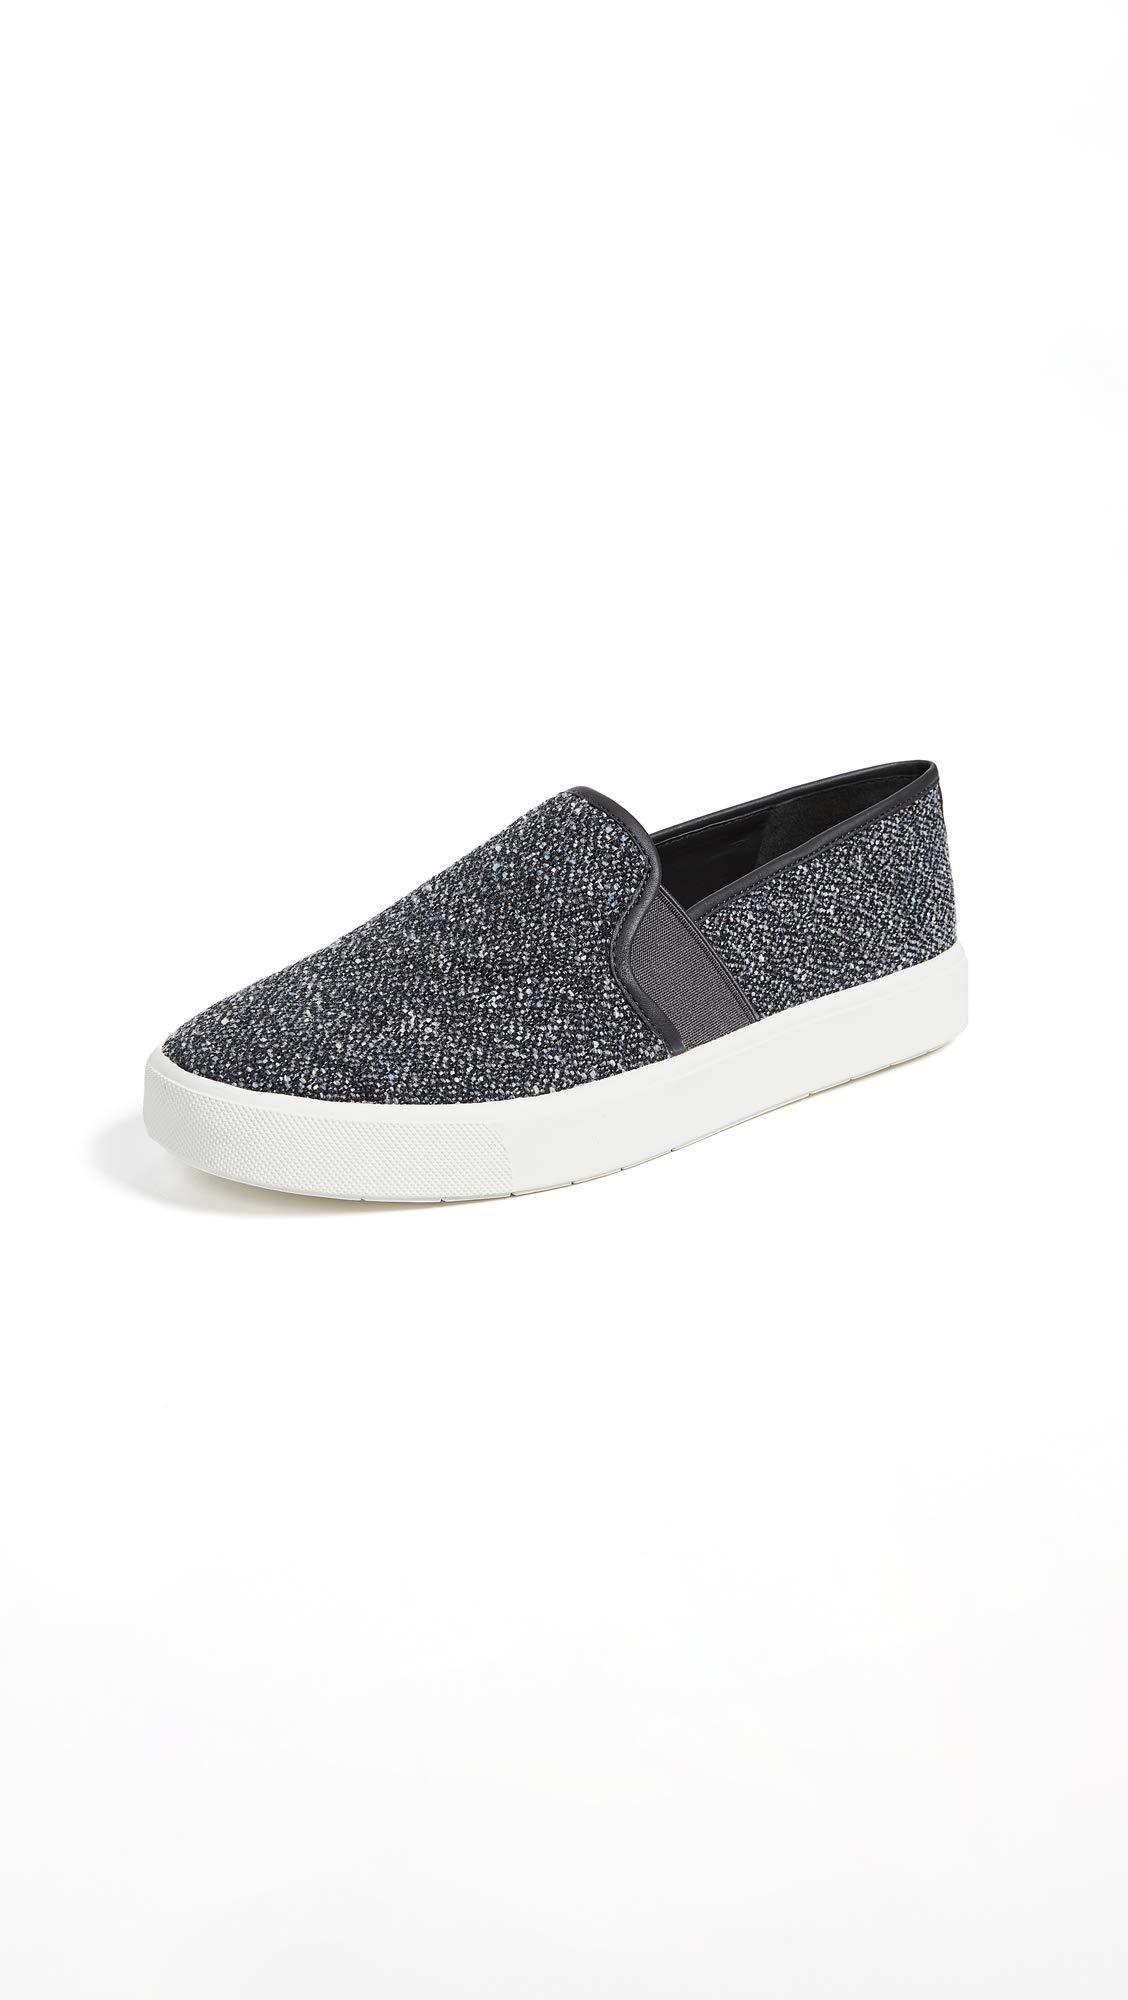 Vince Women's Blair Slip On Sneakers, Grey, 9.5 M US